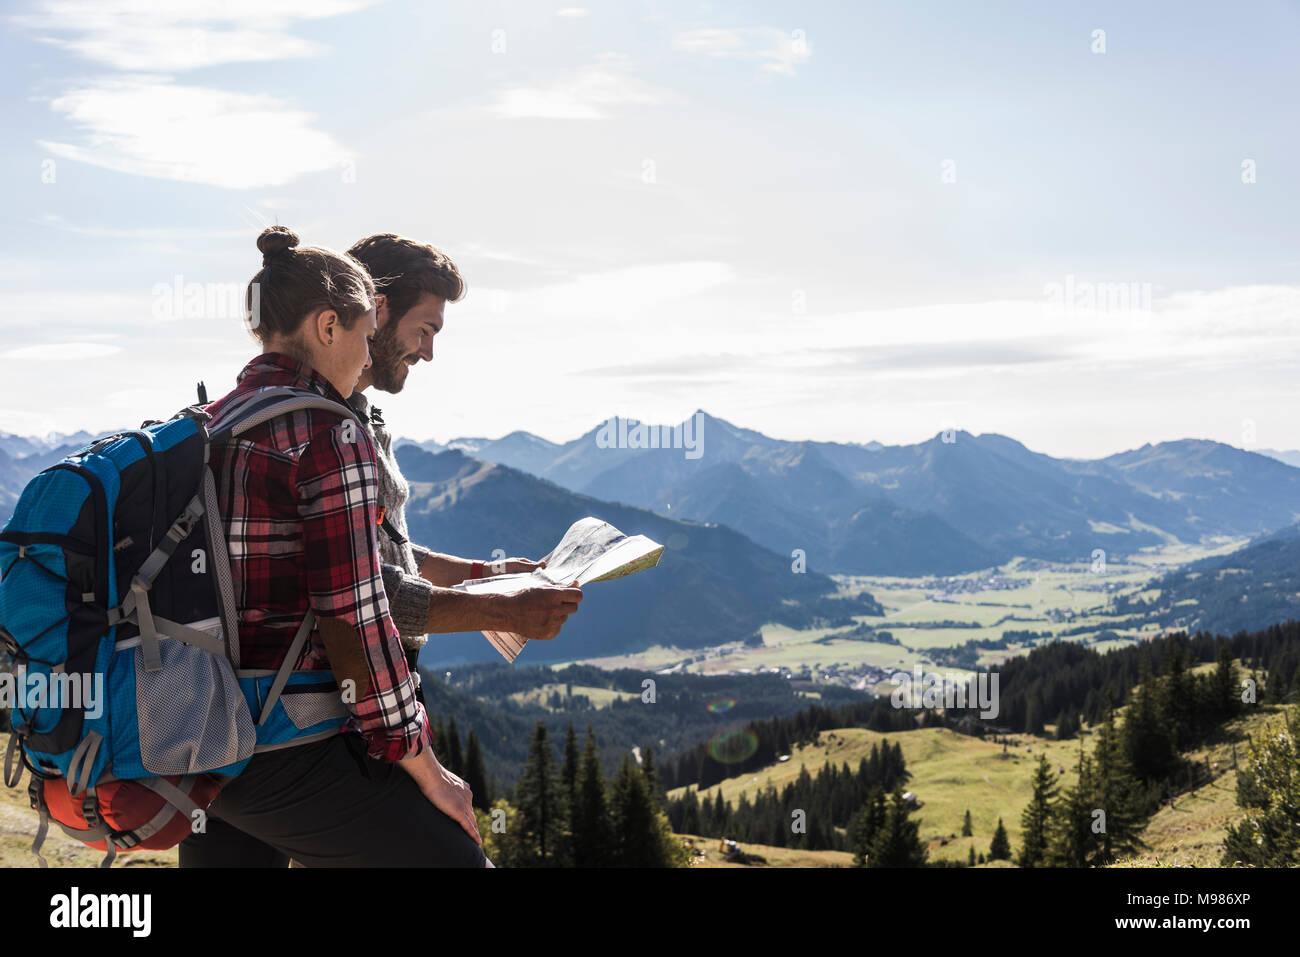 Austria, Tirolo, coppia giovane guardando la mappa in mountainscape Immagini Stock